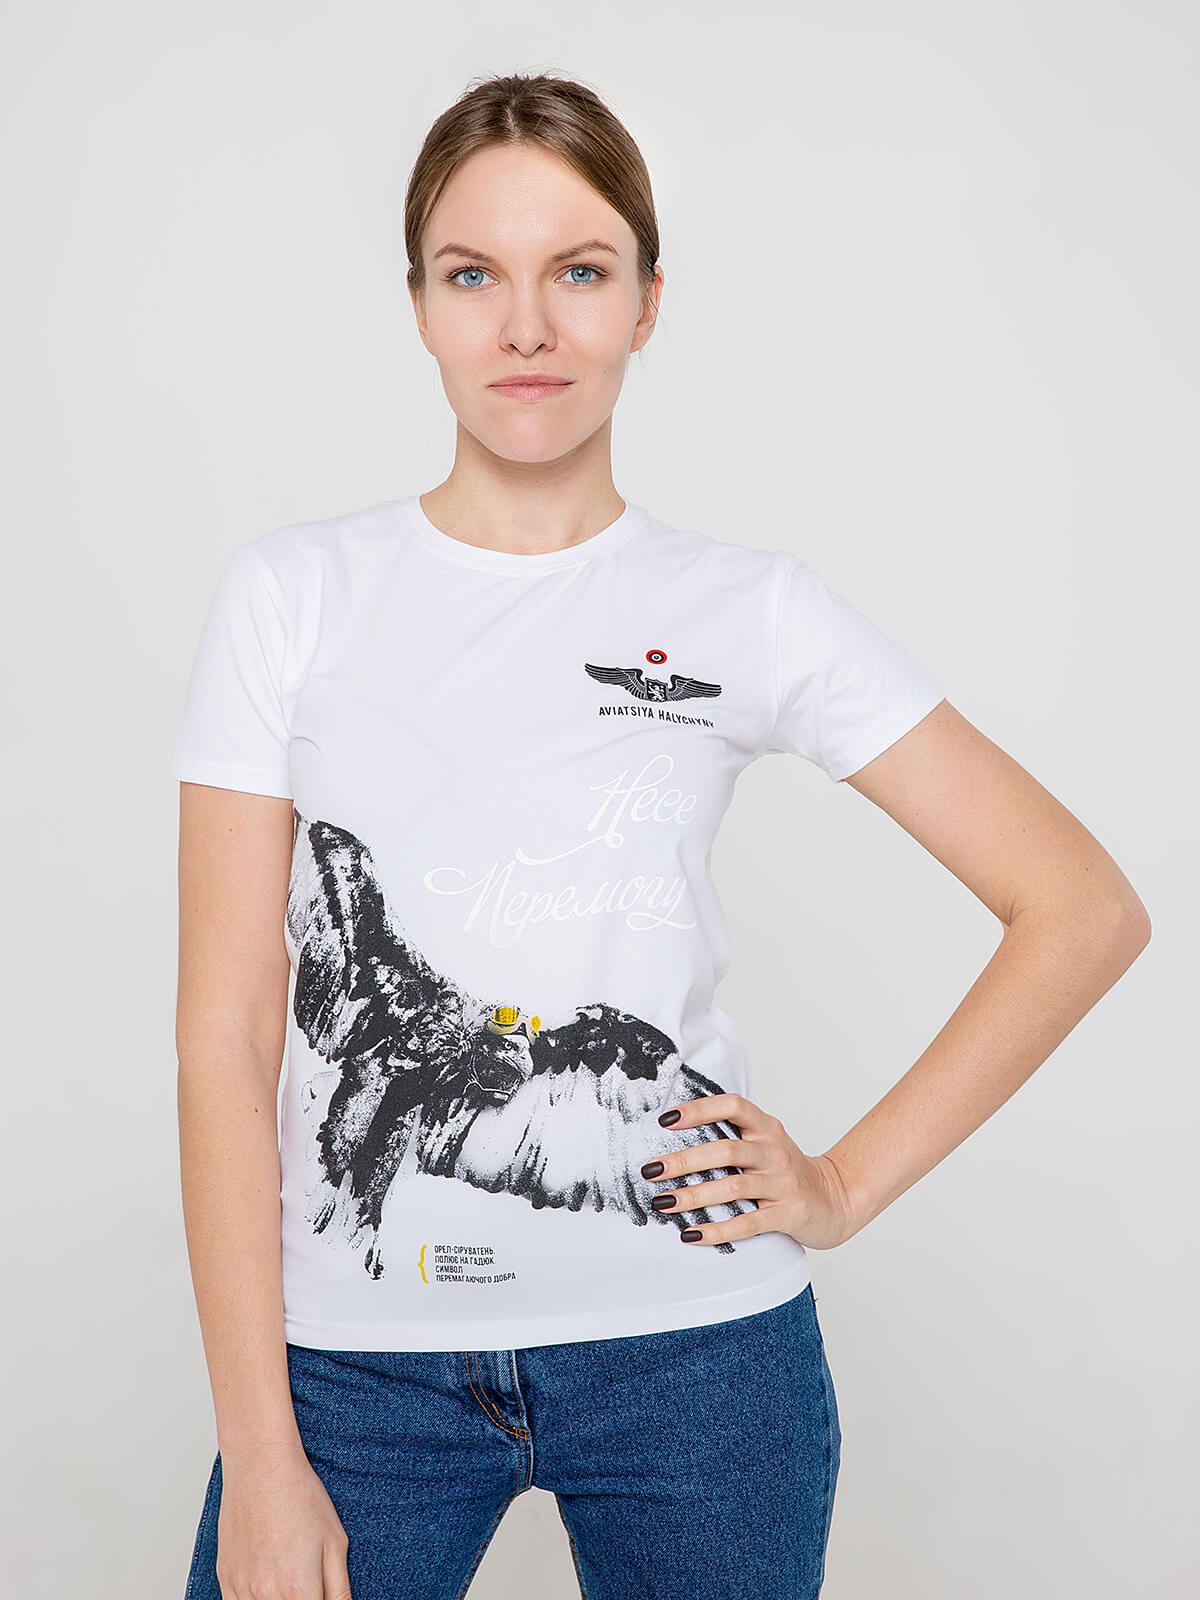 Women's T-Shirt Eagle. Color білий. Футболка унісекс (розміри чоловічі).